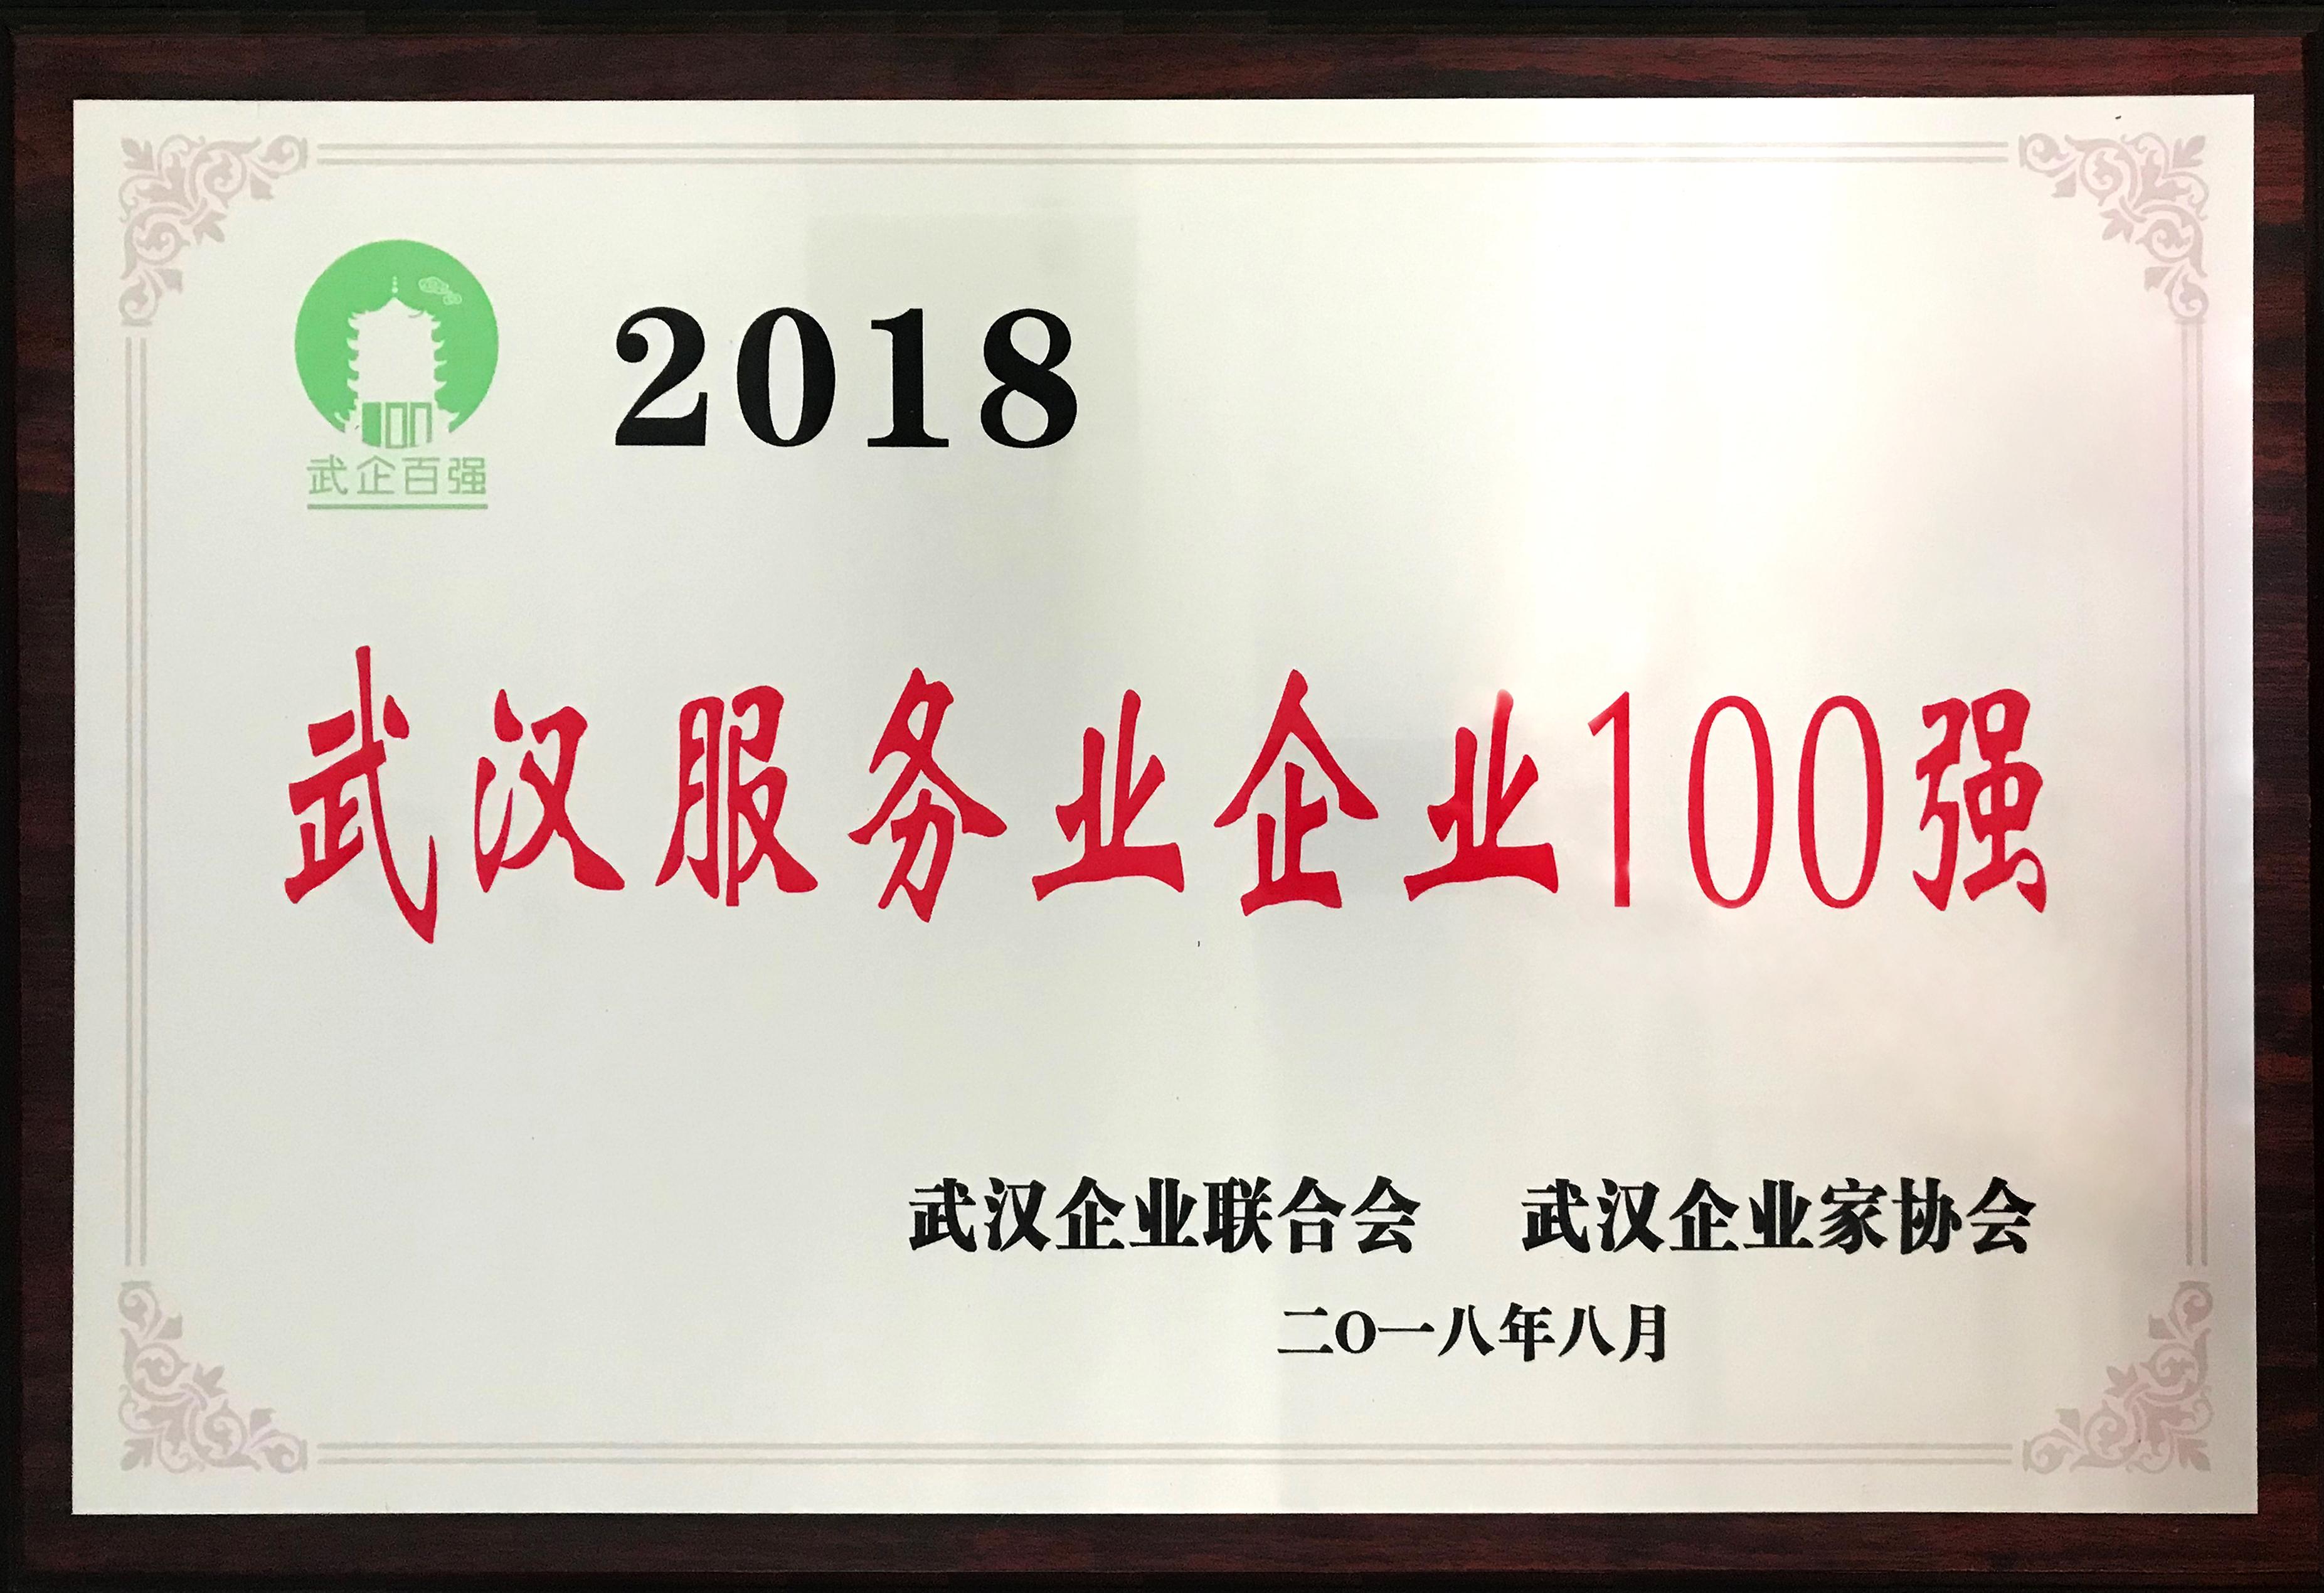 武汉服务业企业100强.jpg